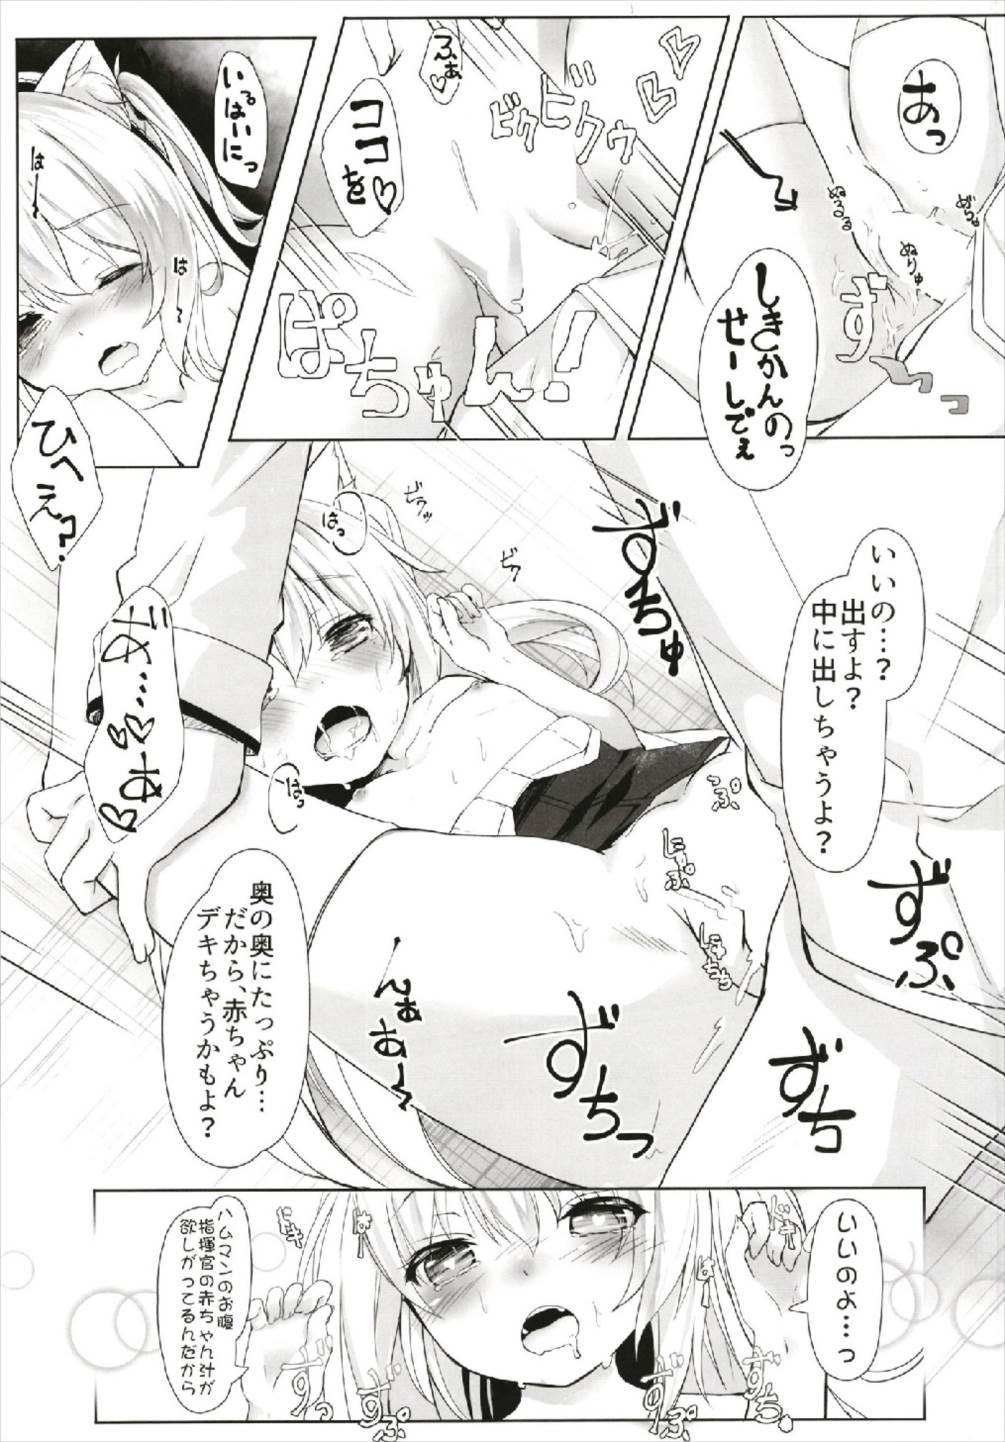 Hammann no Daisuki o Uketorinasai 14